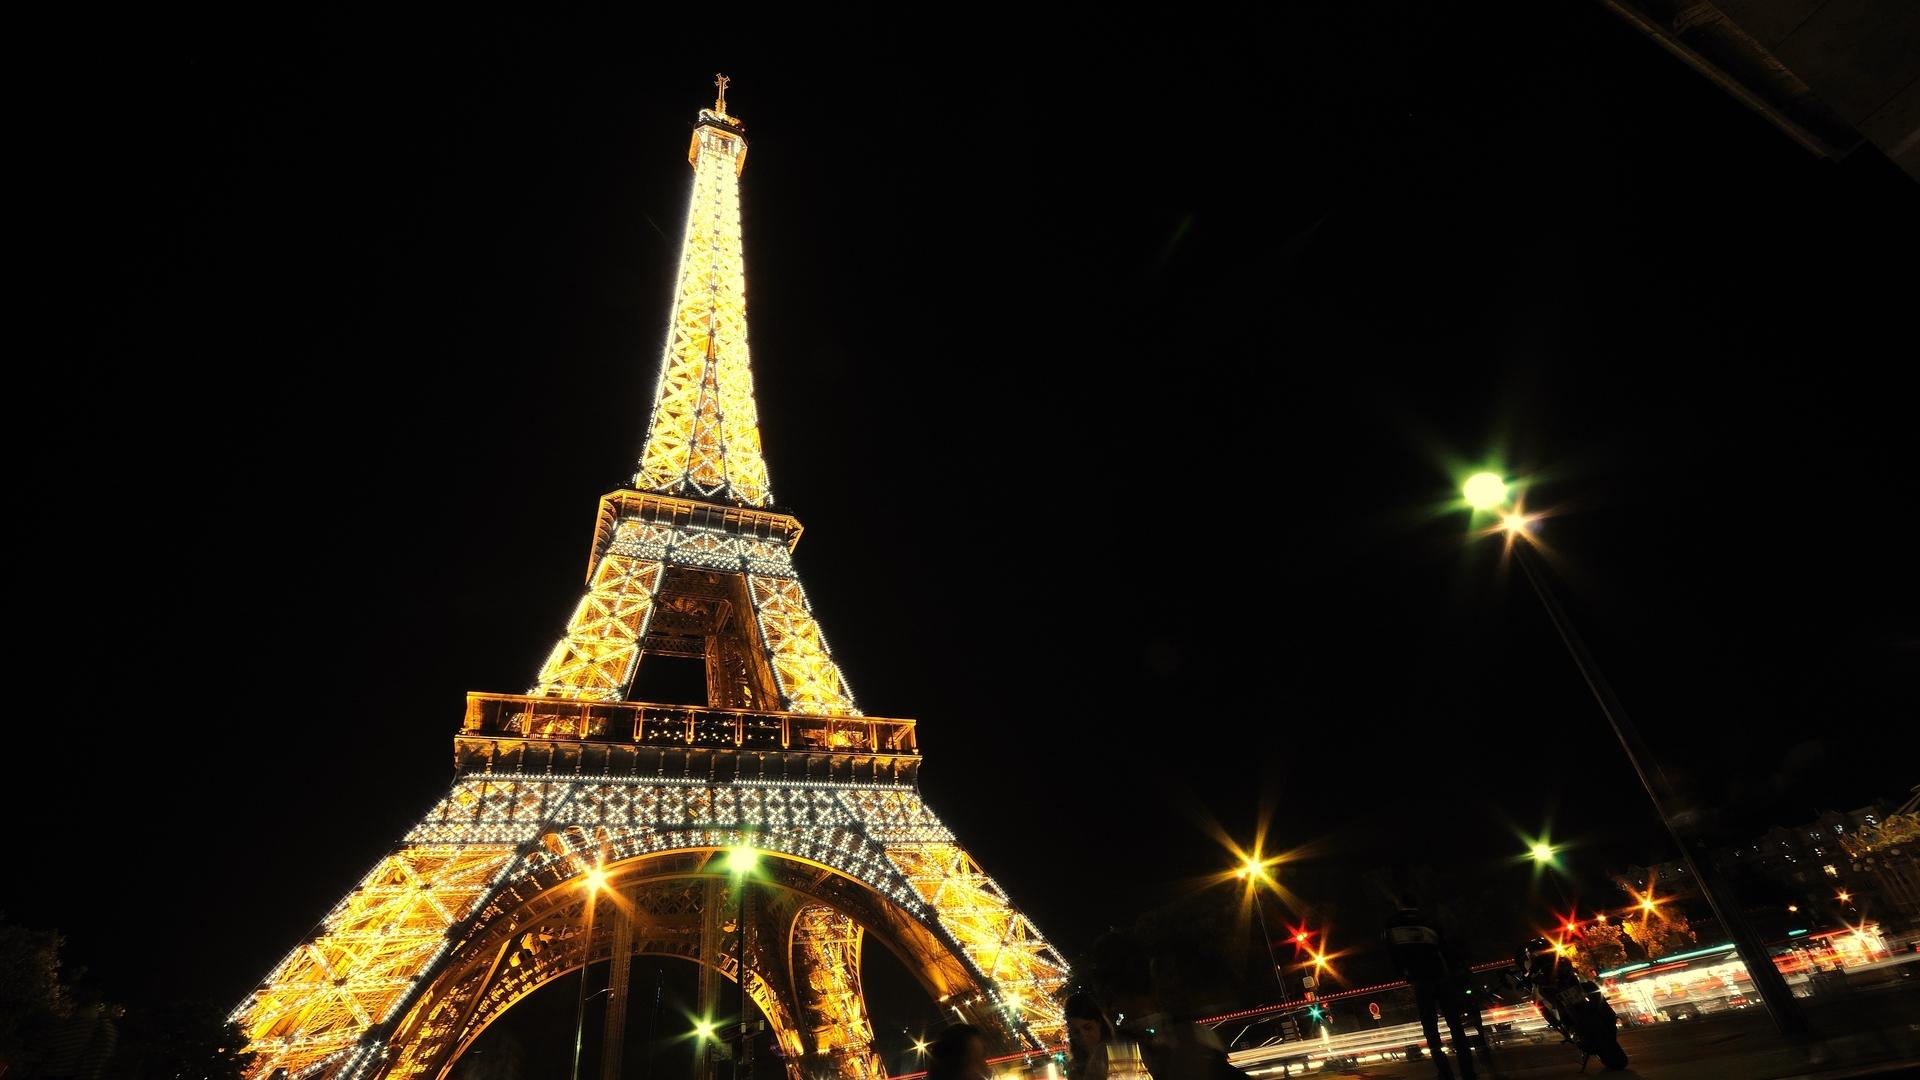 рисунках обои на телефон эйфелева башня ночью или гладкая каждый